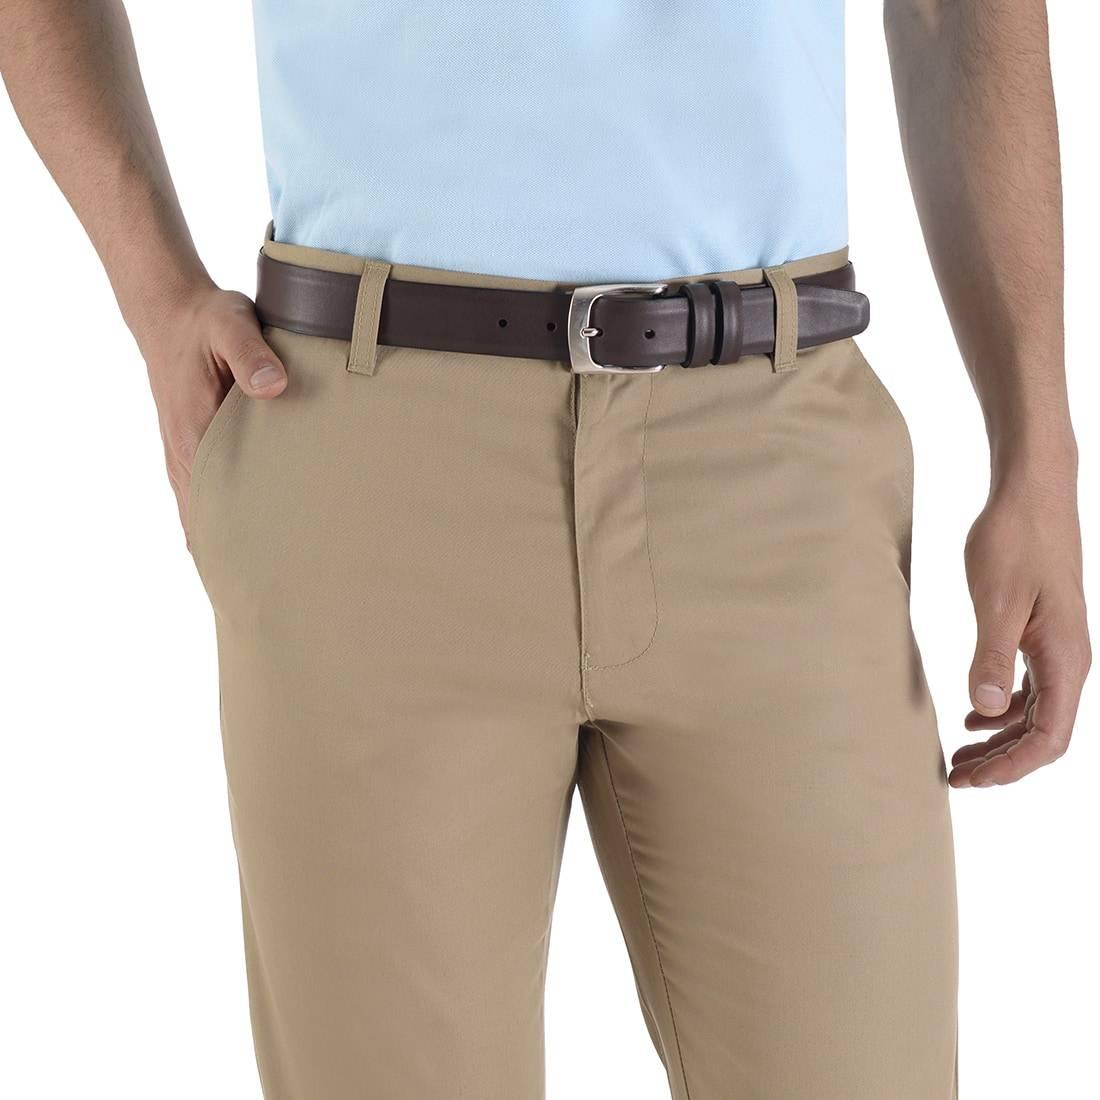 010920418967-03-Pantalon-Casual-Slim-Fit-Kaki-yale